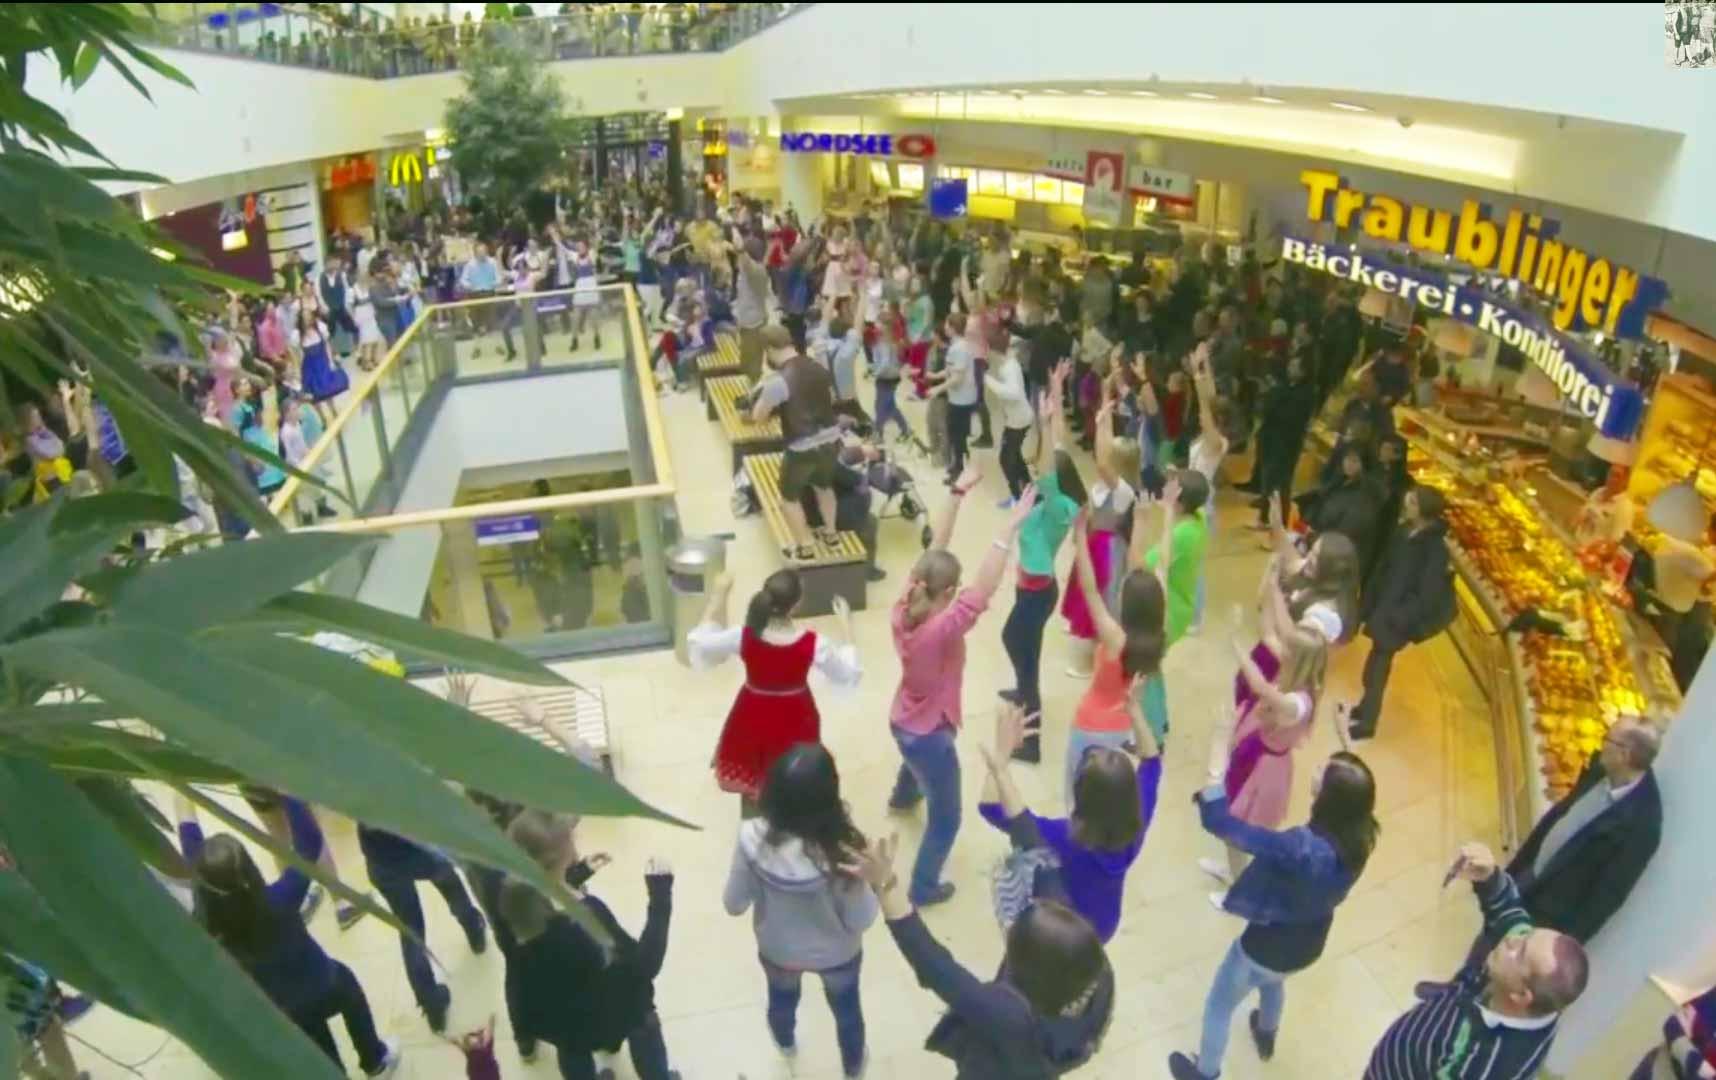 Bavarian Flash Mob In Munich